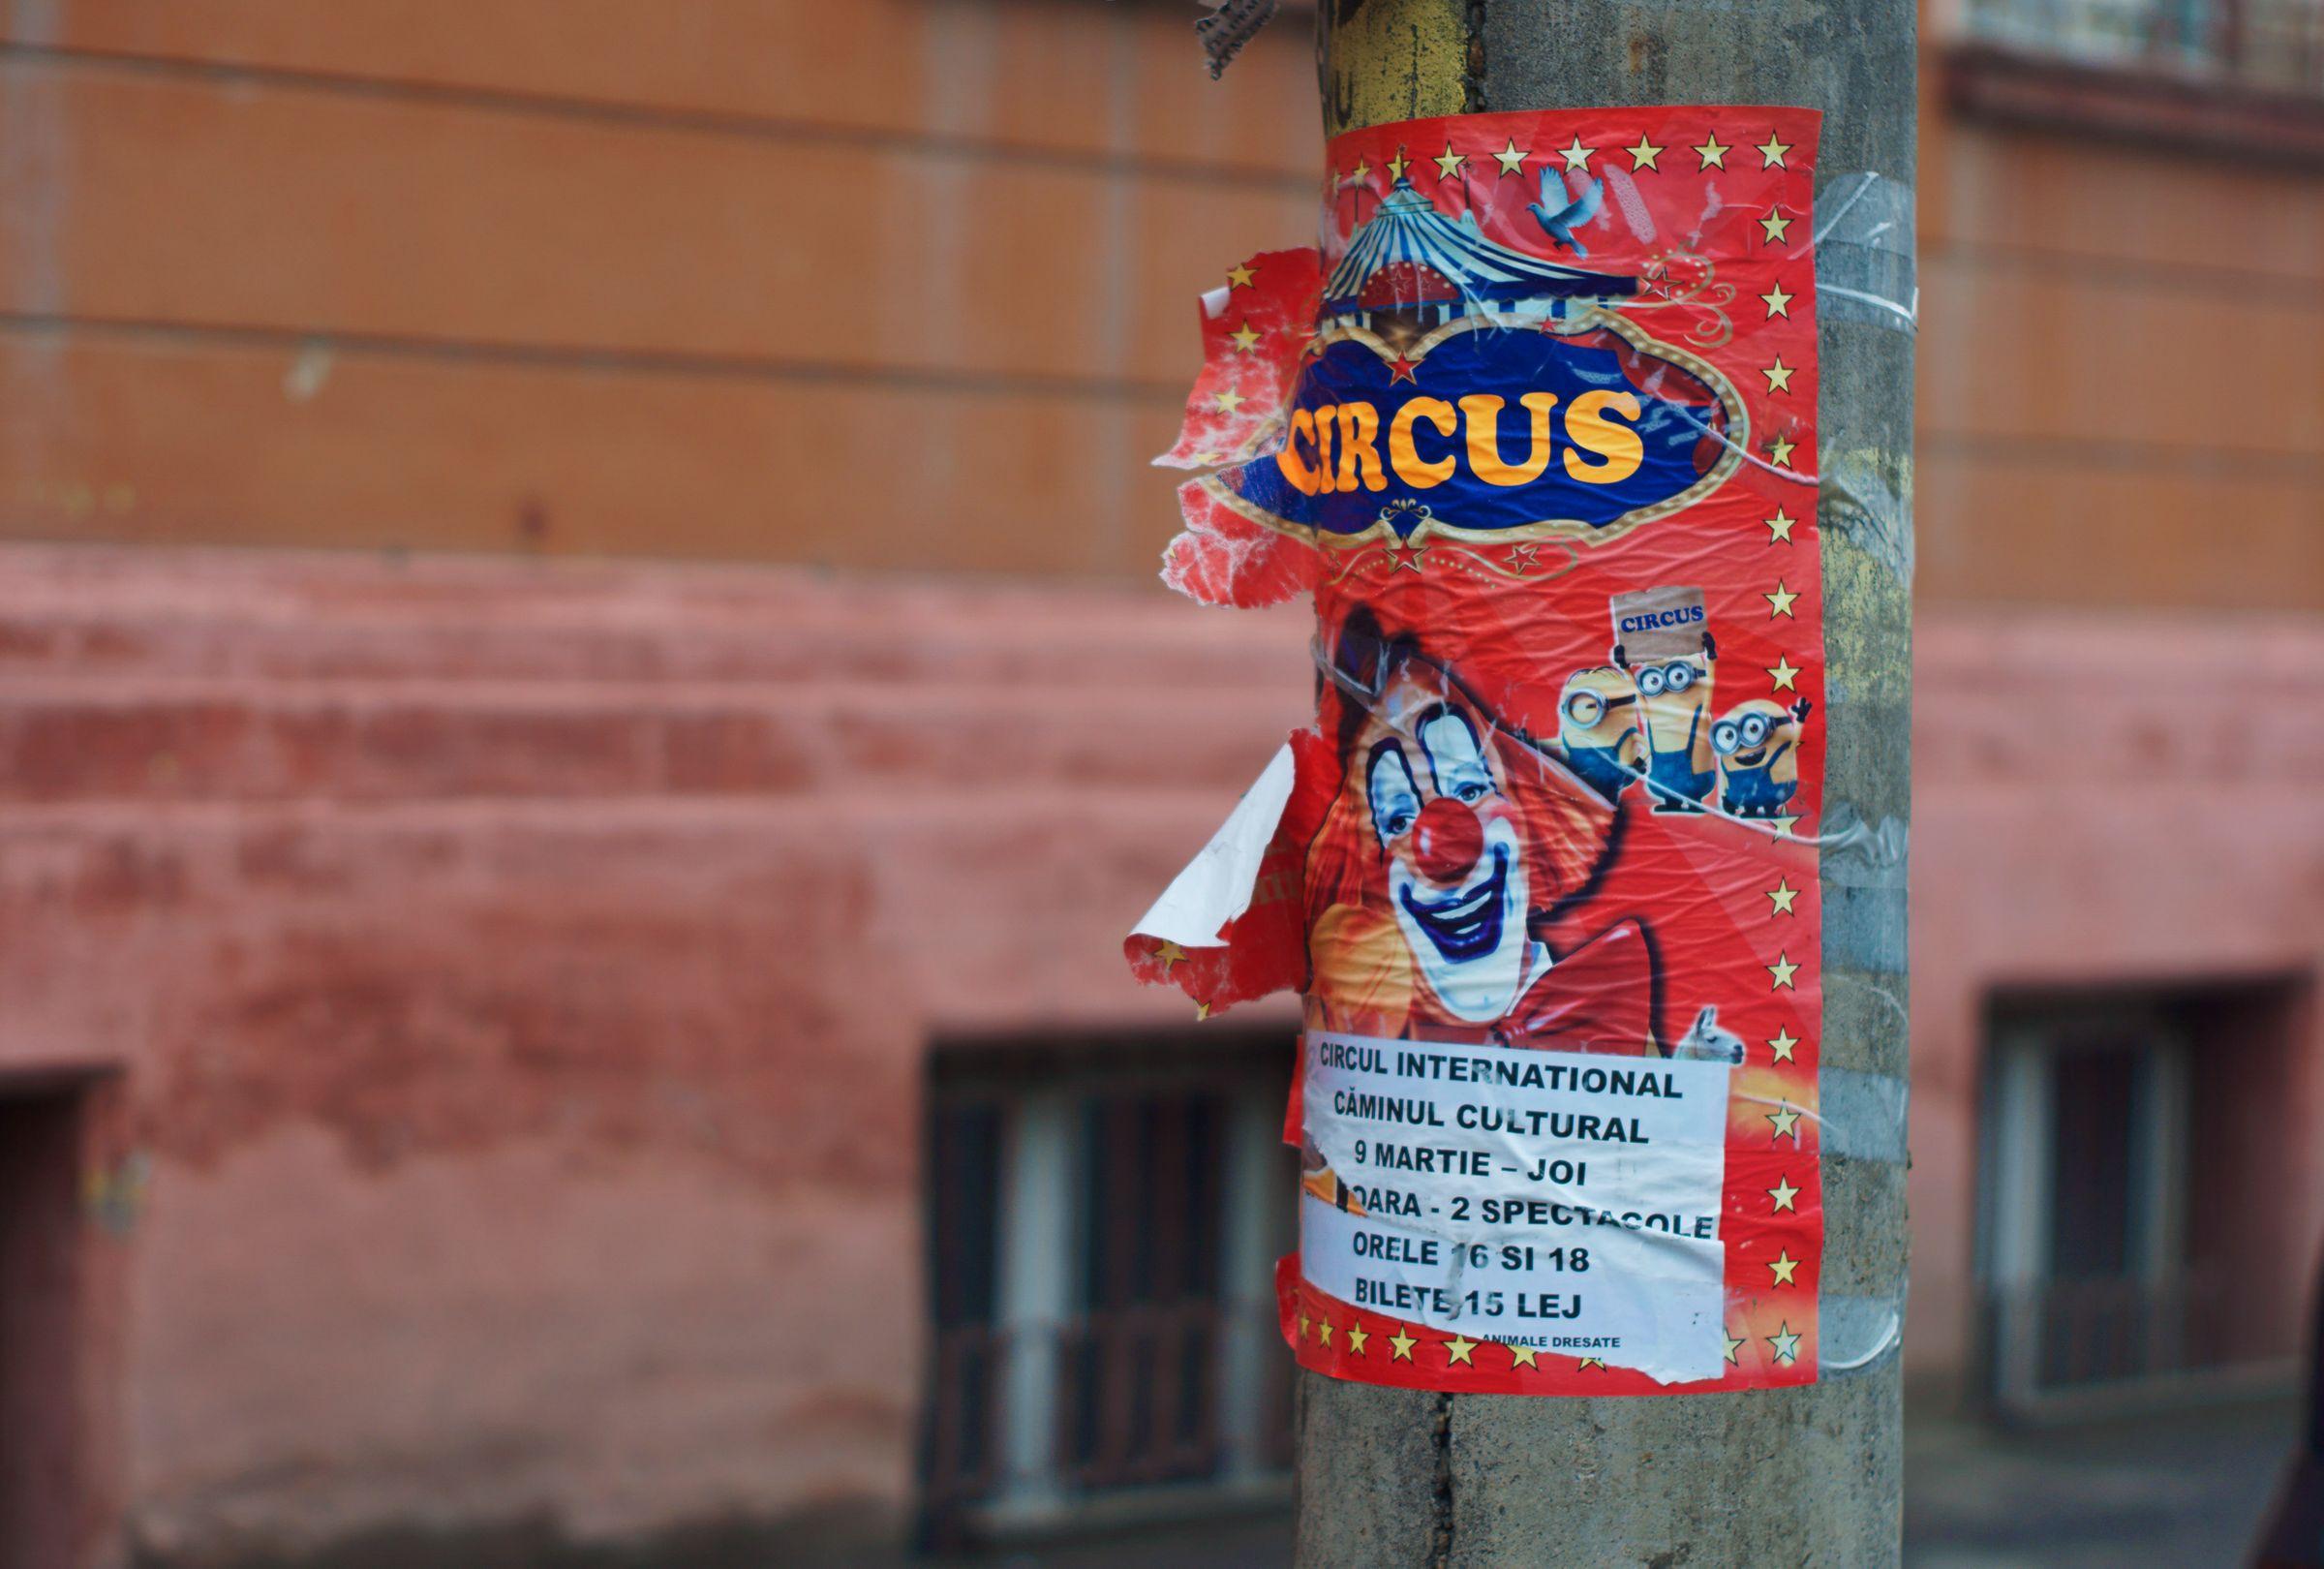 Circus Poster, Sibui